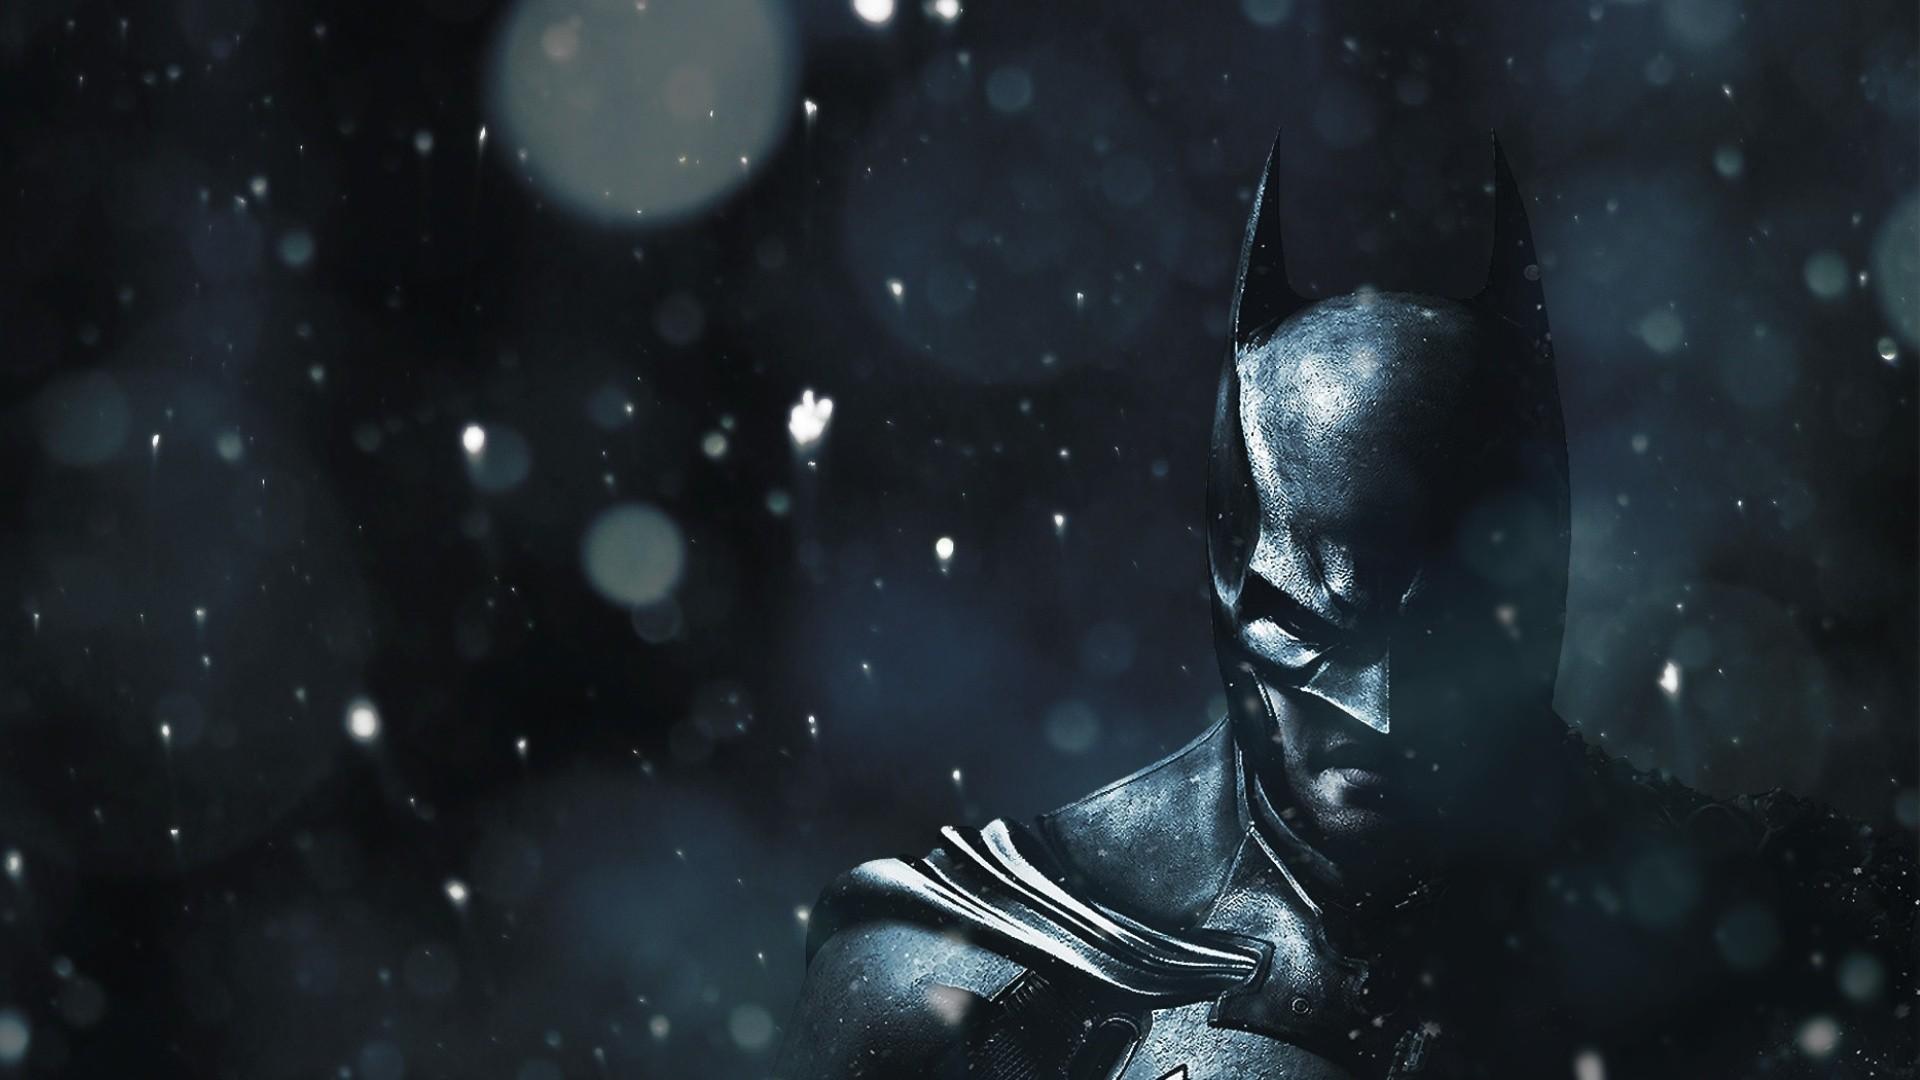 宽屏大图片 精美墙纸背景下-在线观看蝙蝠侠电脑高清壁纸 李易峰图片